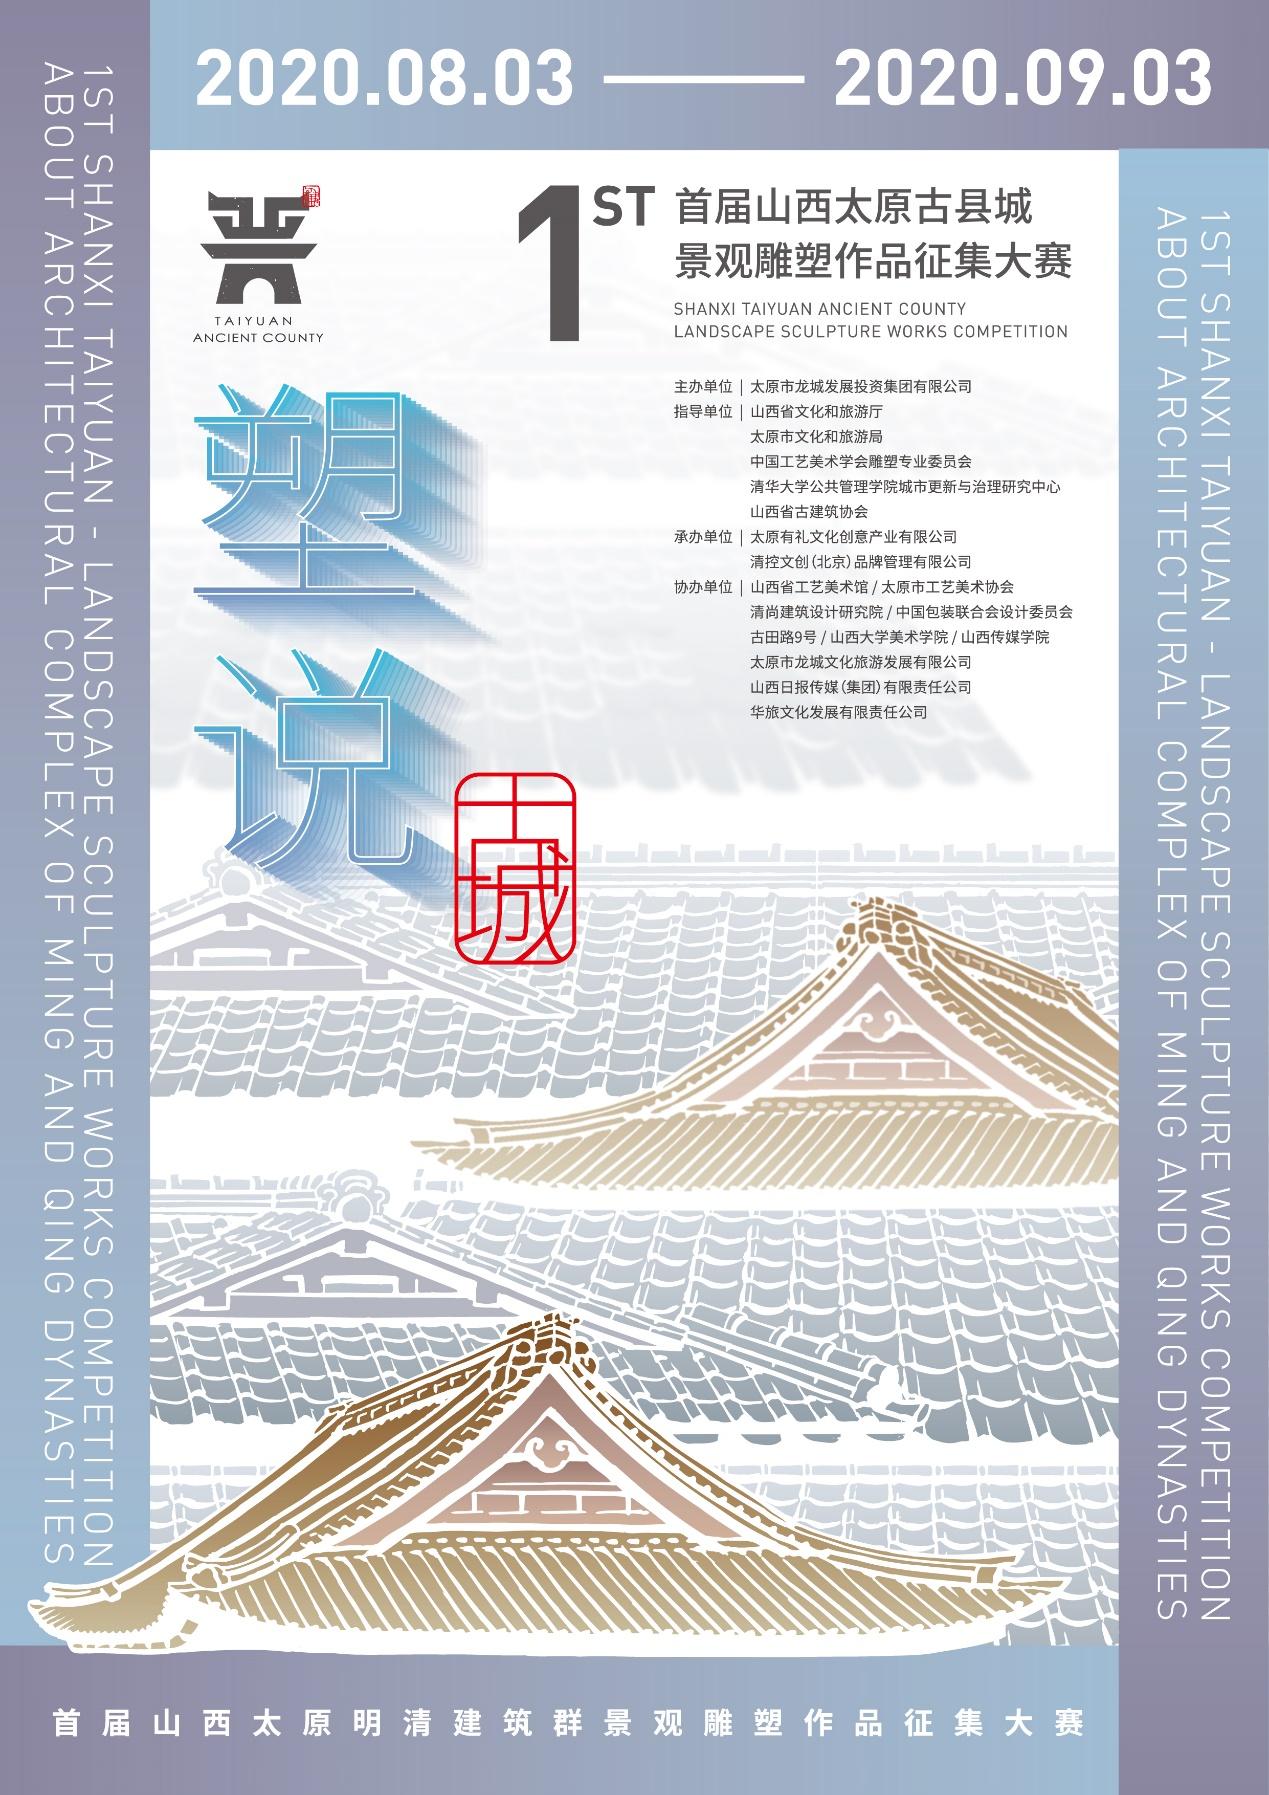 首届太原古县城景观雕塑大赛作品征集20万元奖金等你来